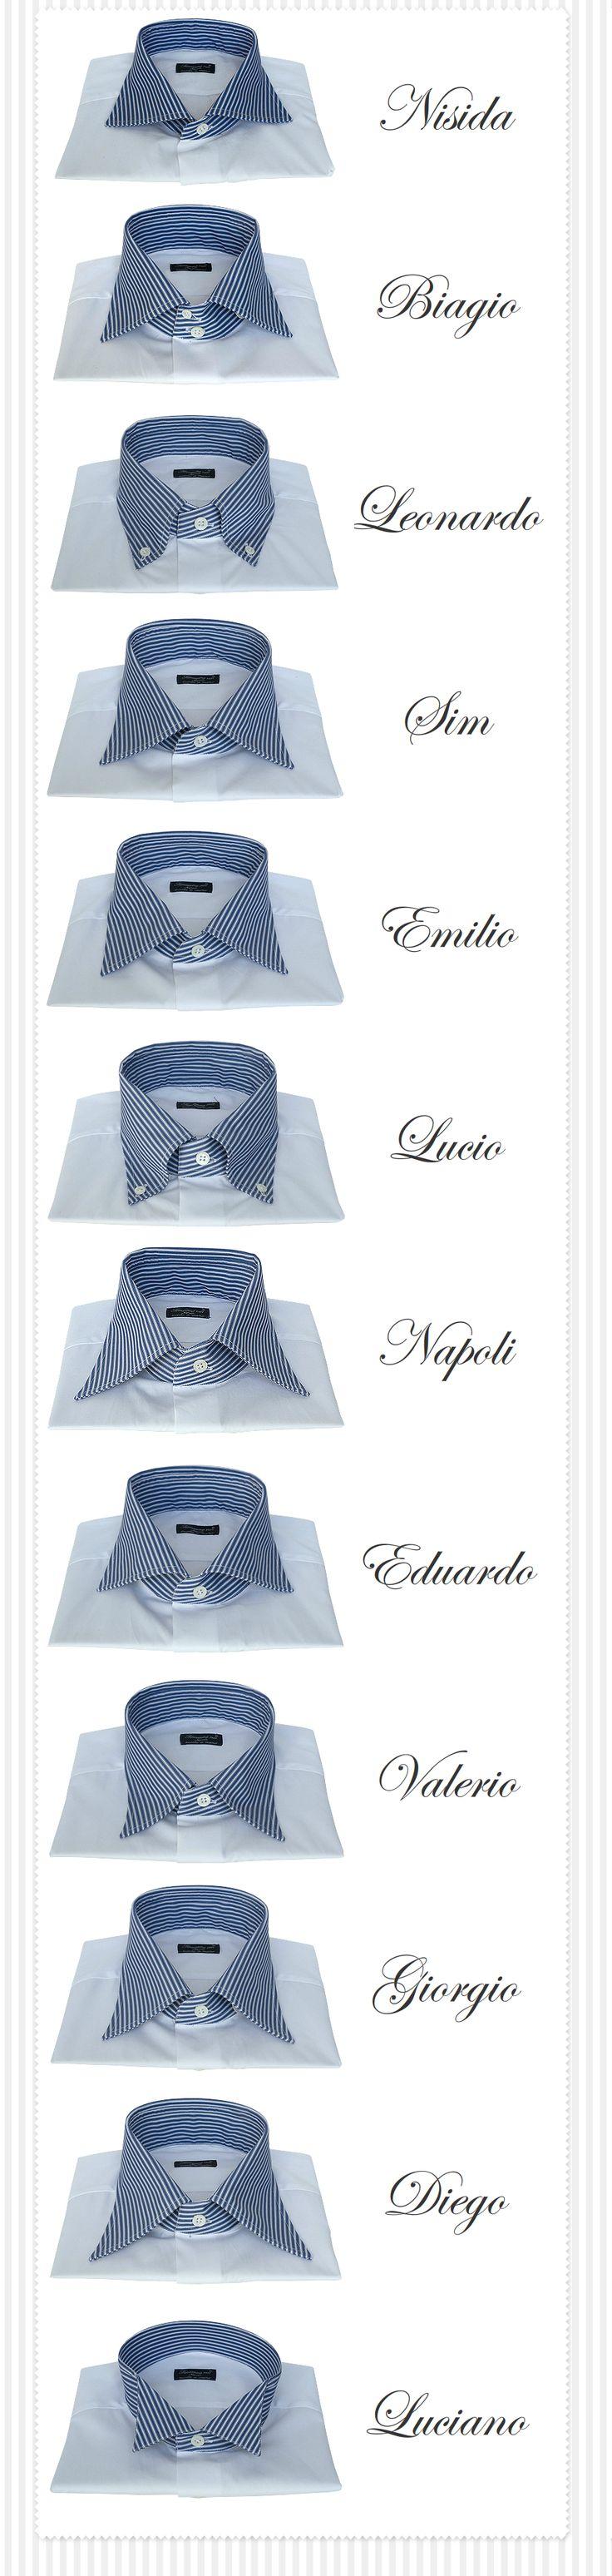 Finamore - Su Misura Camicie Modelli Collo